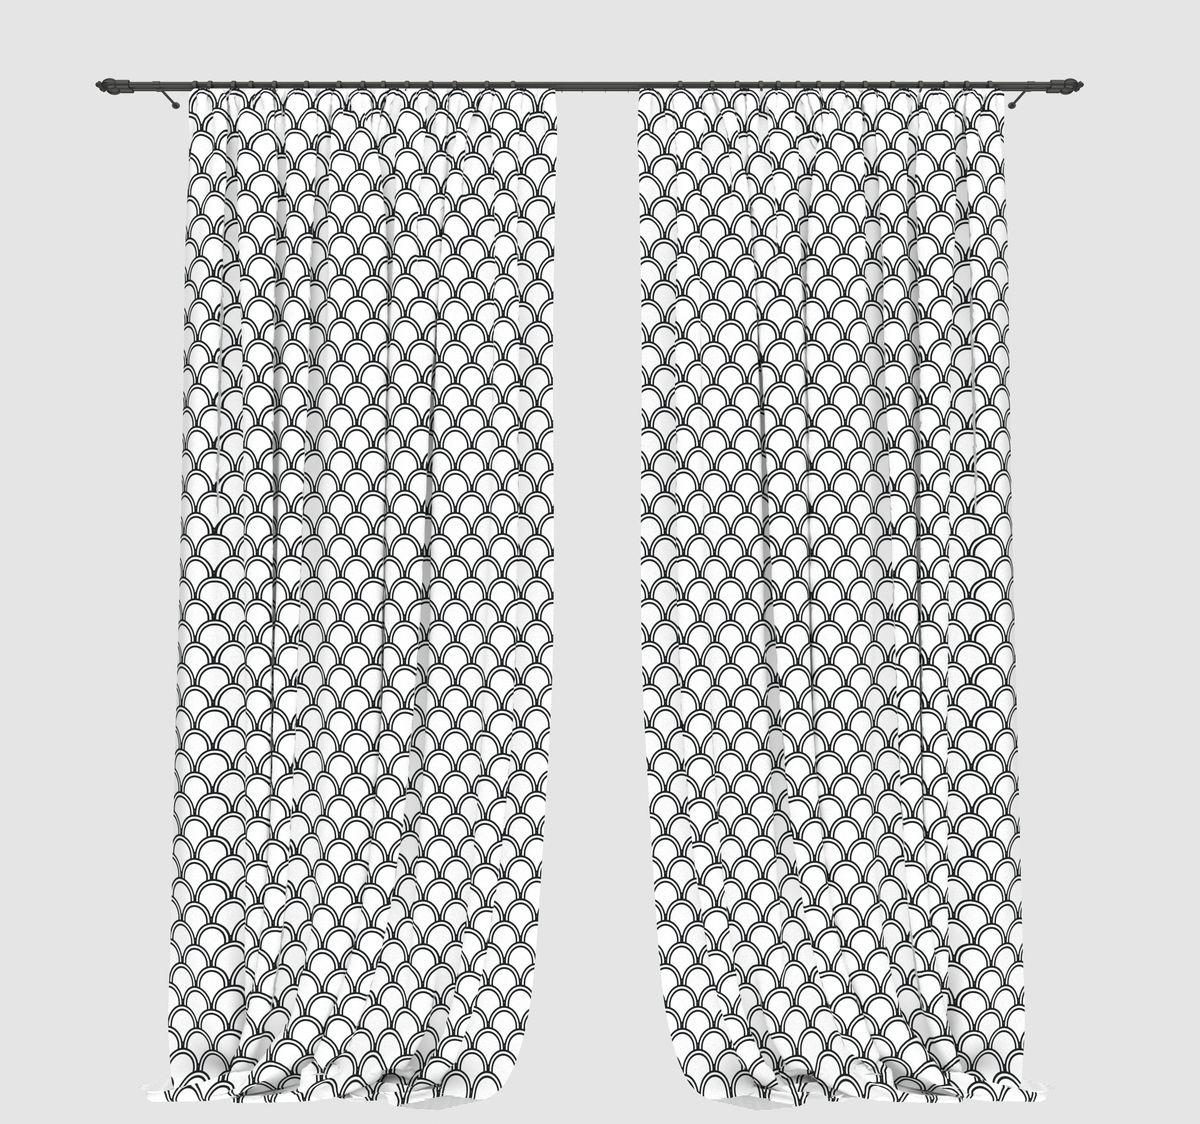 Комплект фотоштор Bellino Home Либра, высота 260 см. 05647-ФШ-ГБ-00103515-ФТ-ВЛ-001Комплект фотоштор BELLINO HOME. Коллекция Китай является стилевым направлением,получившим свое развитие как ветвь стиля рококо. Шинуазри- один из видов ориентализма. Этот стиль начал набирать популярность в начале ХХ века, когда возник спрос на ар-деко. Стиль шинуазри органично впишется в любой интерьер, так как он представляет собой не оригинальный китайский стиль, а скоре европейское представление о Китае. Тема вариации, свобода от условностей, Ваш экспромт от BELLINO HOME. Крепление на карниз при помощи шторной ленты на крючки.В комплекте: Портьера: 2 шт. Размер (ШхВ): 145 см х 260 см. Рекомендации по уходу: стирка при 30 градусах гладить при температуре до 150 градусов Изображение на мониторе может немного отличаться от реального.